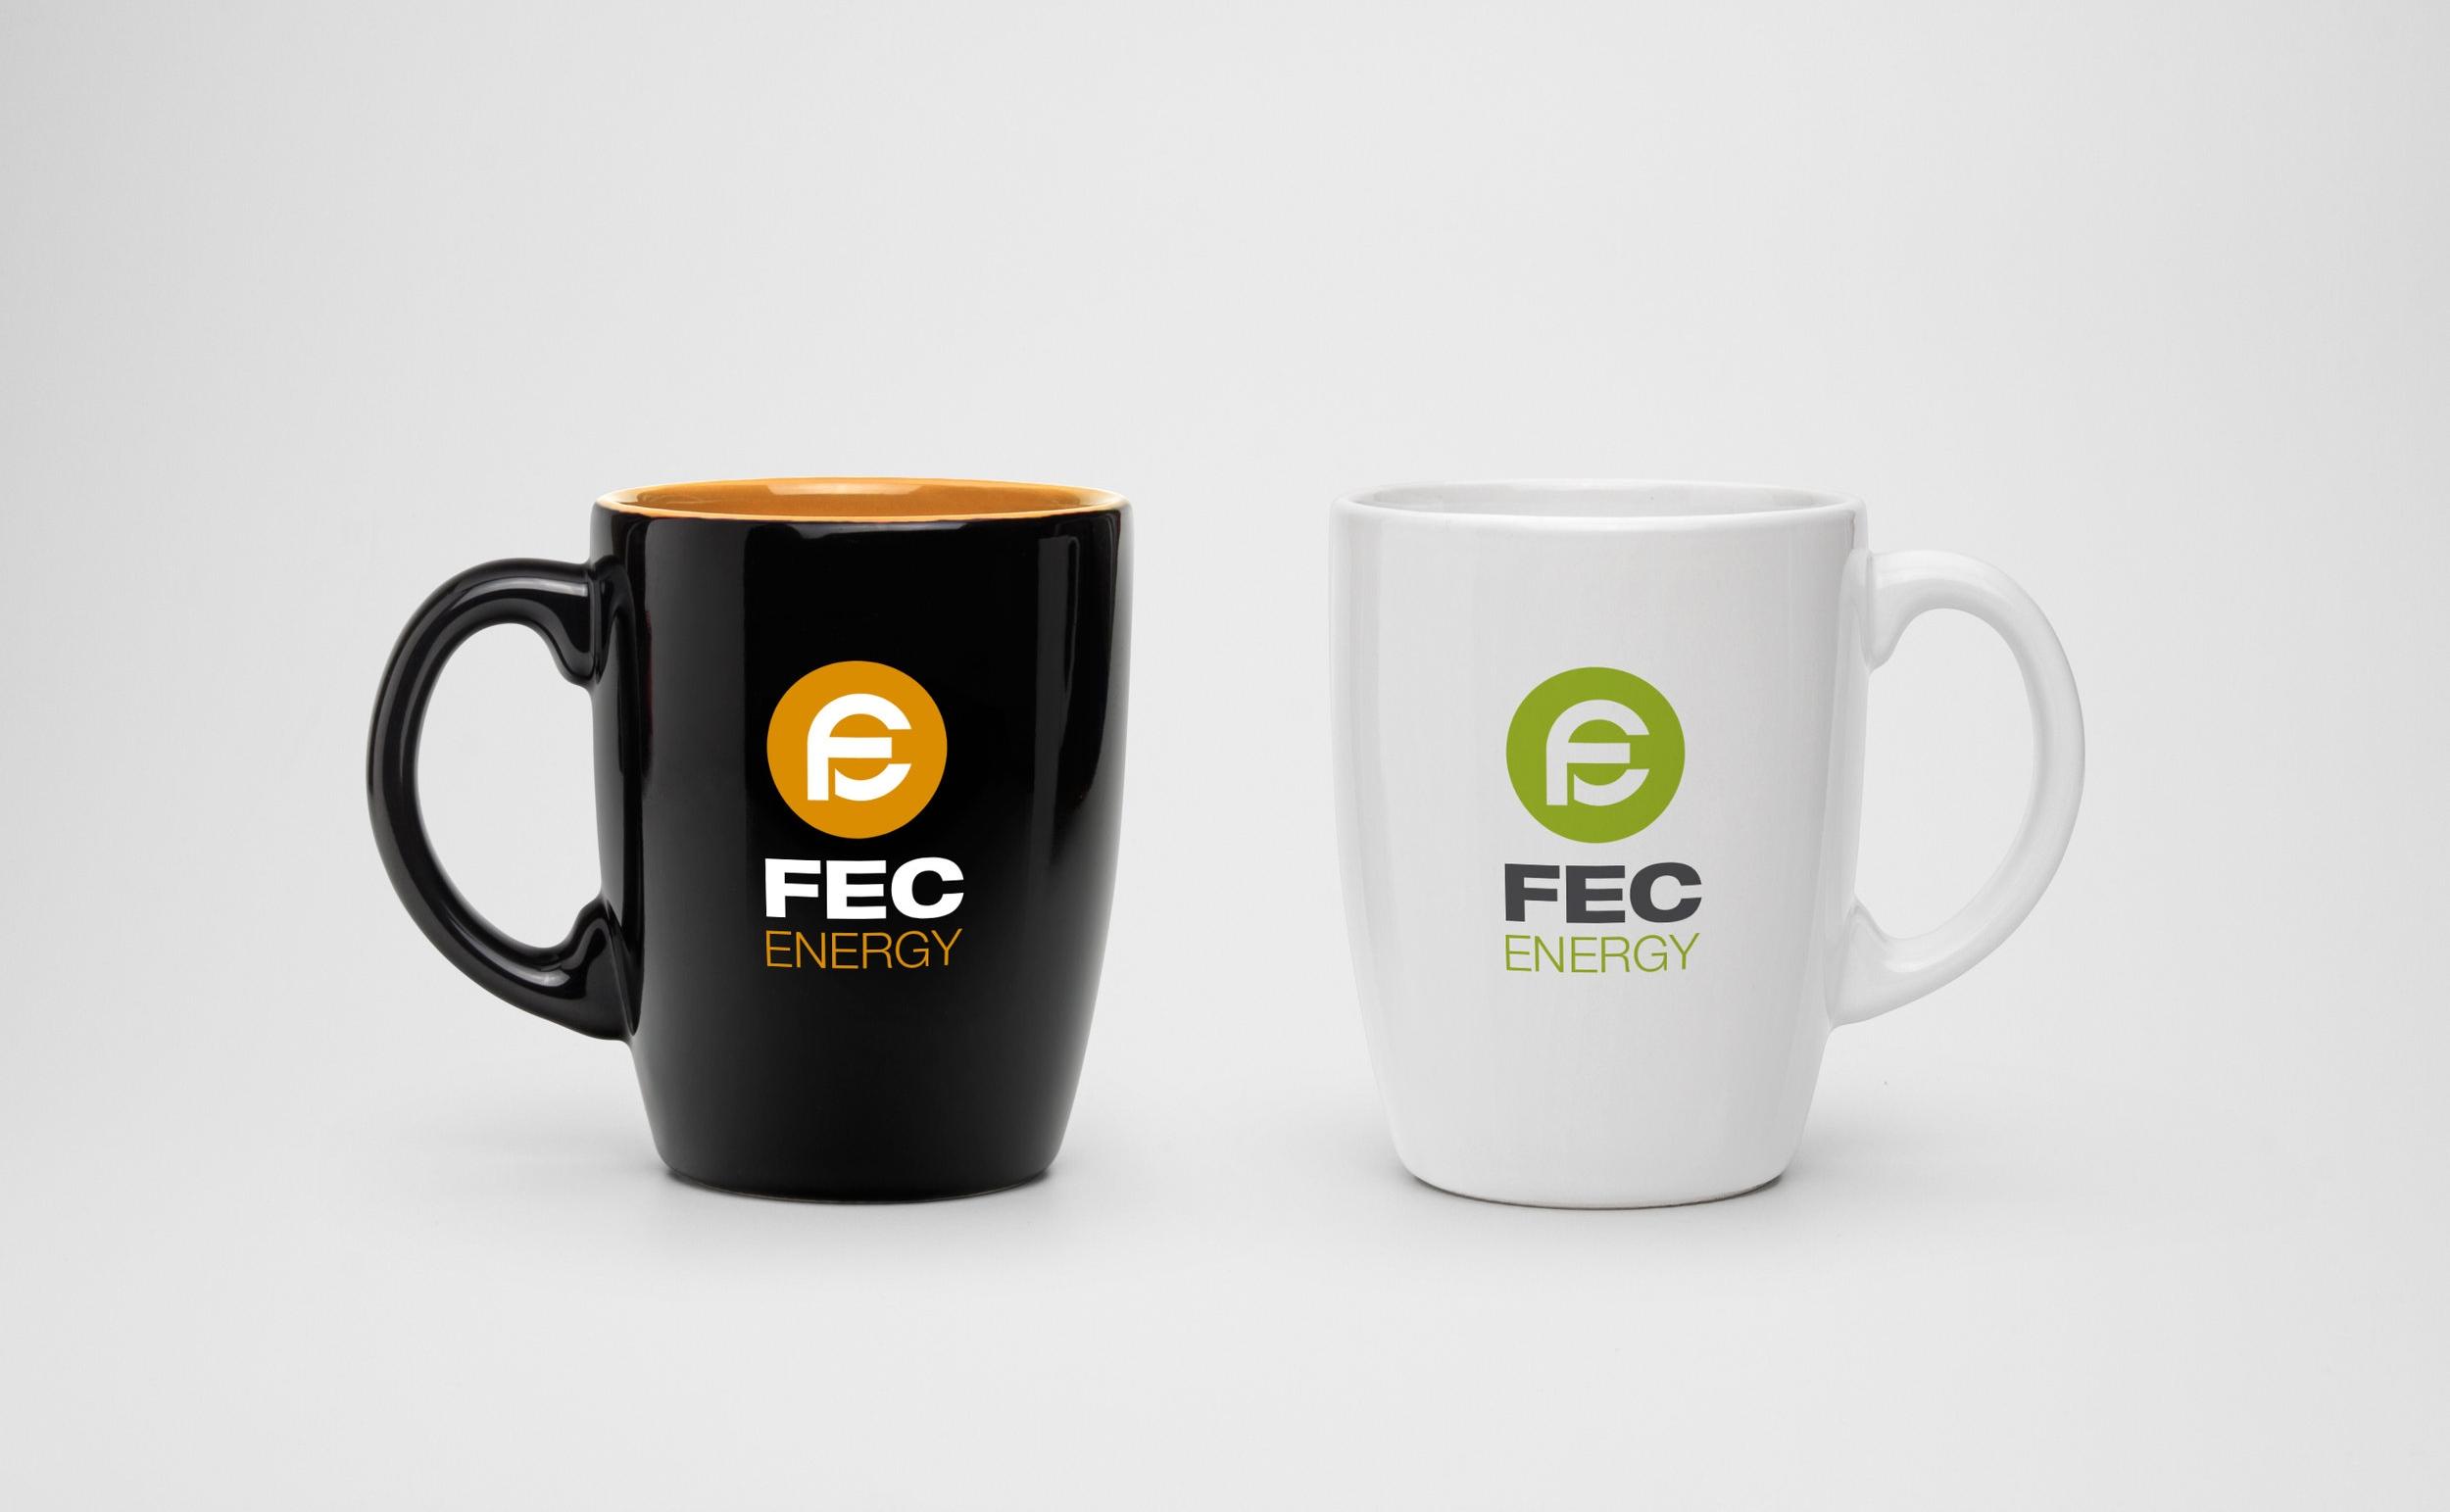 d mugs.jpg